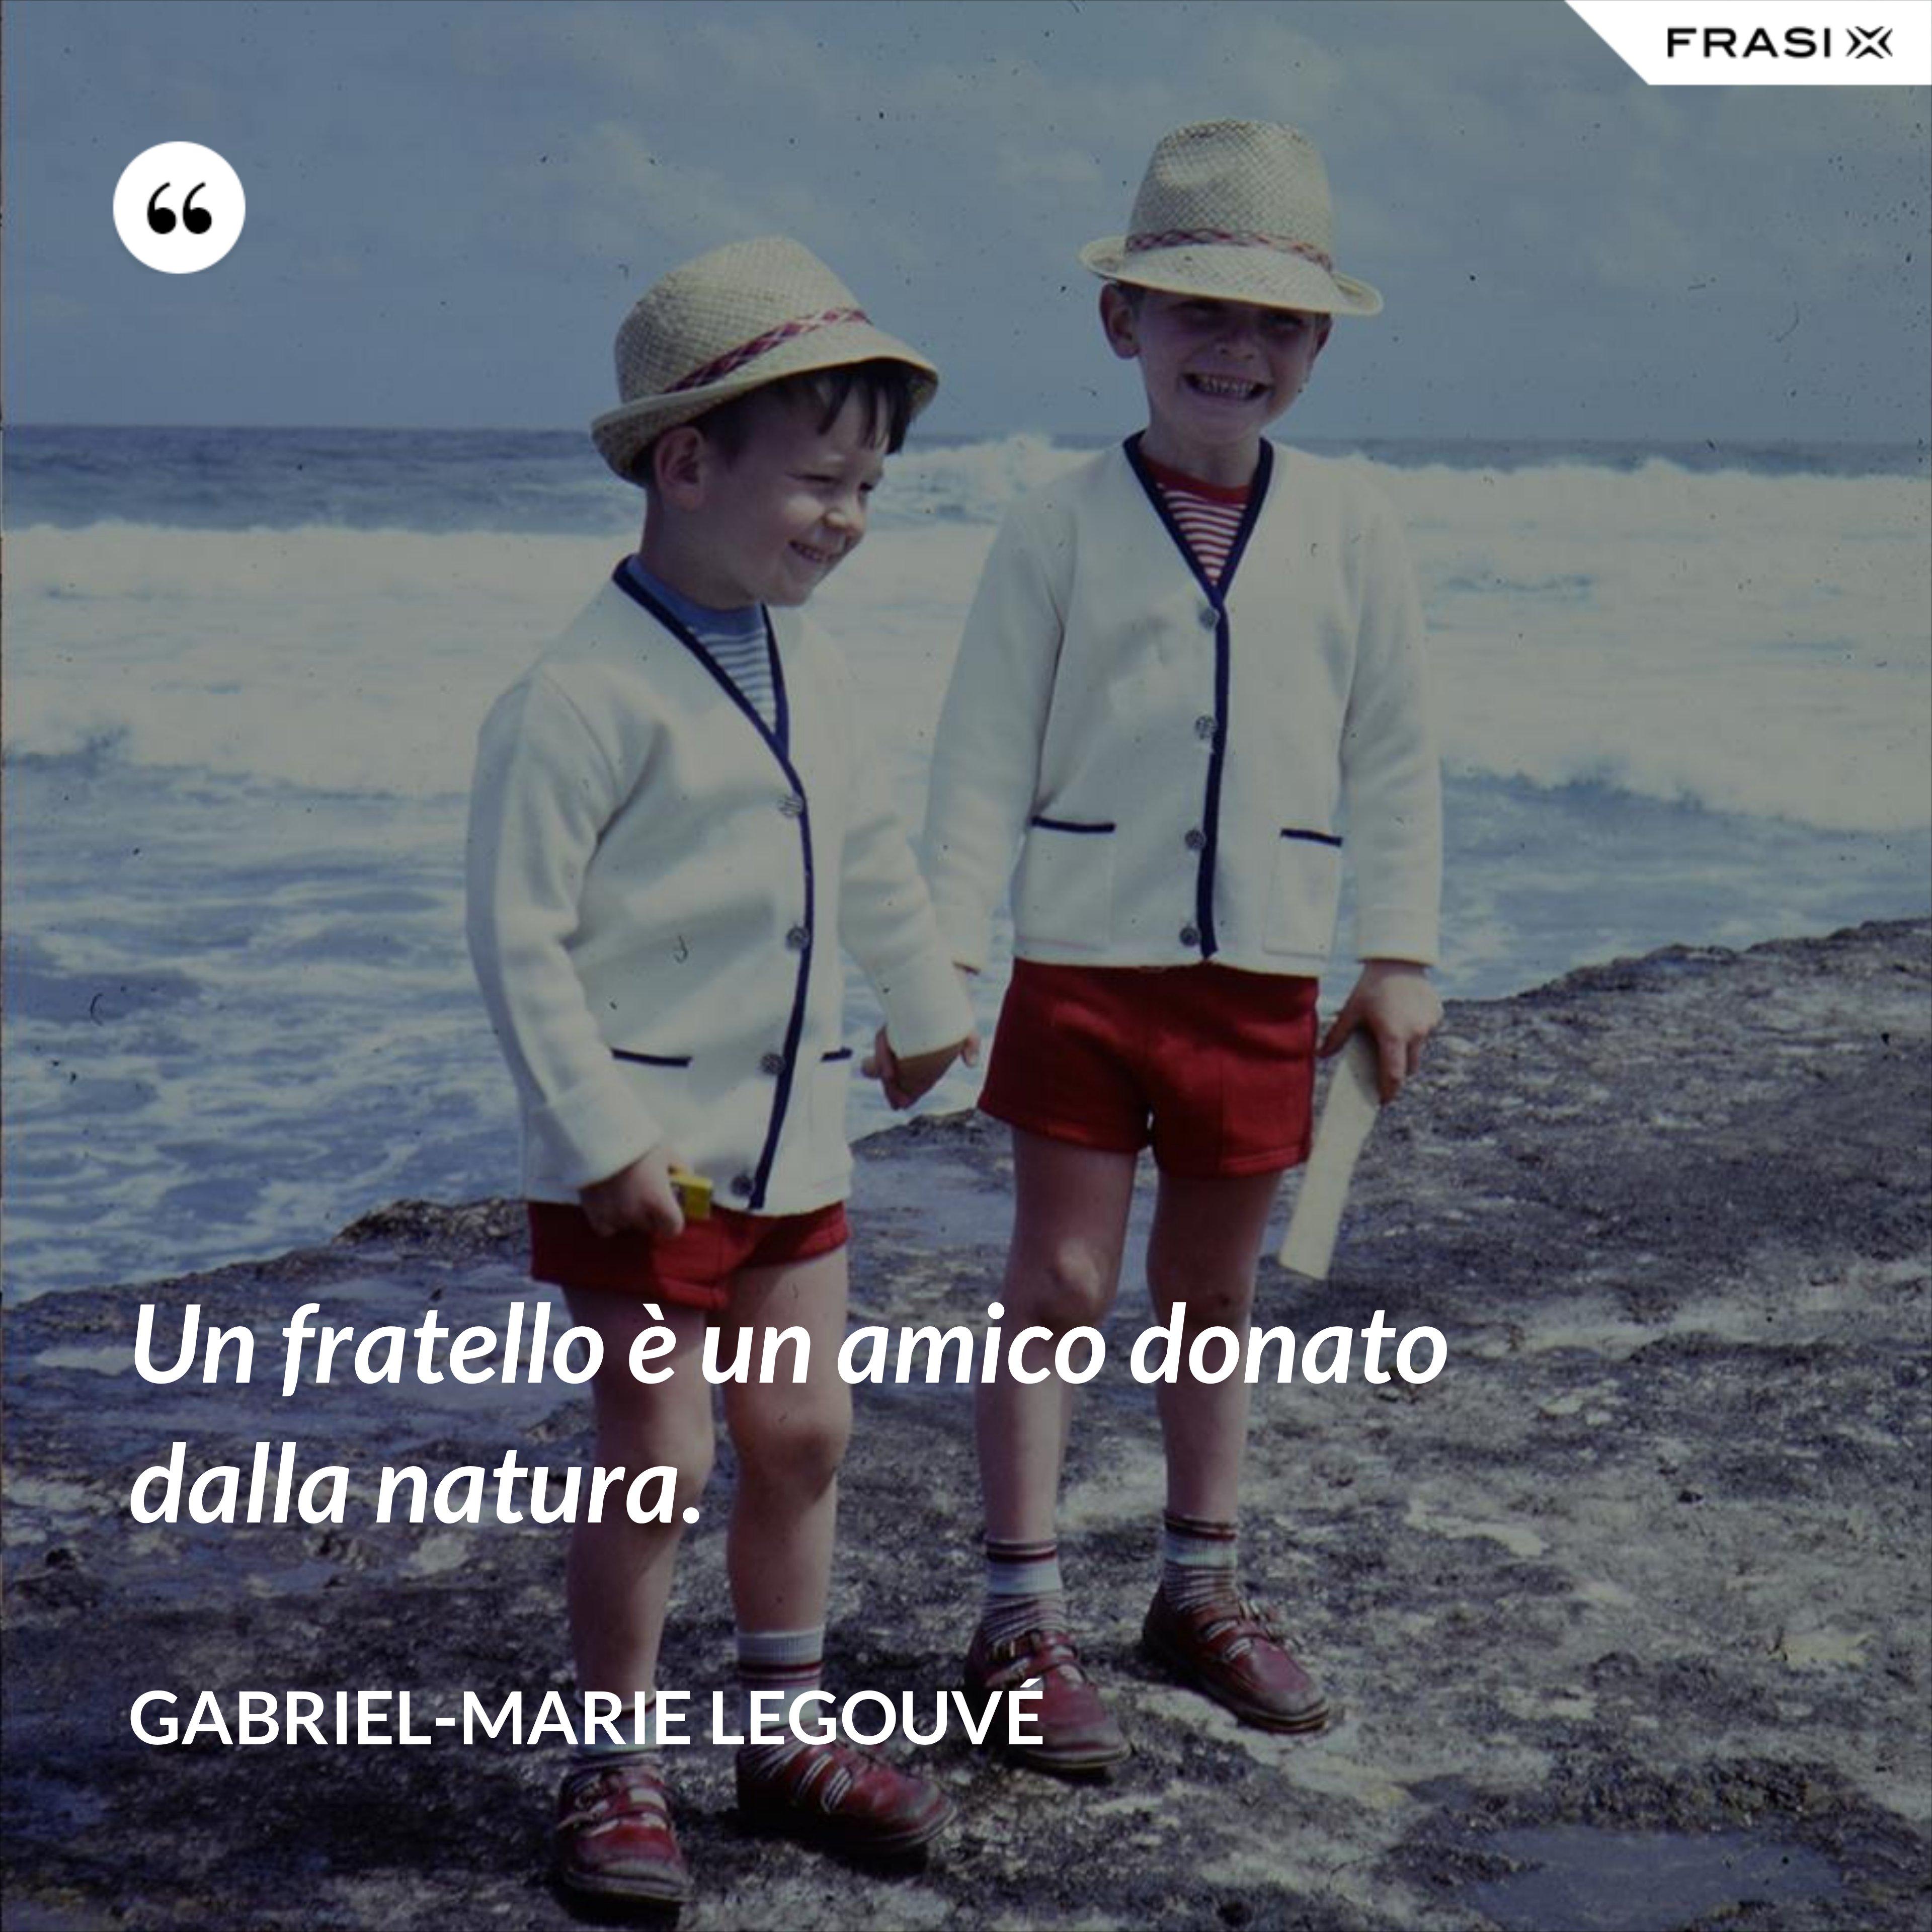 Un fratello è un amico donato dalla natura. - Gabriel-Marie Legouvé